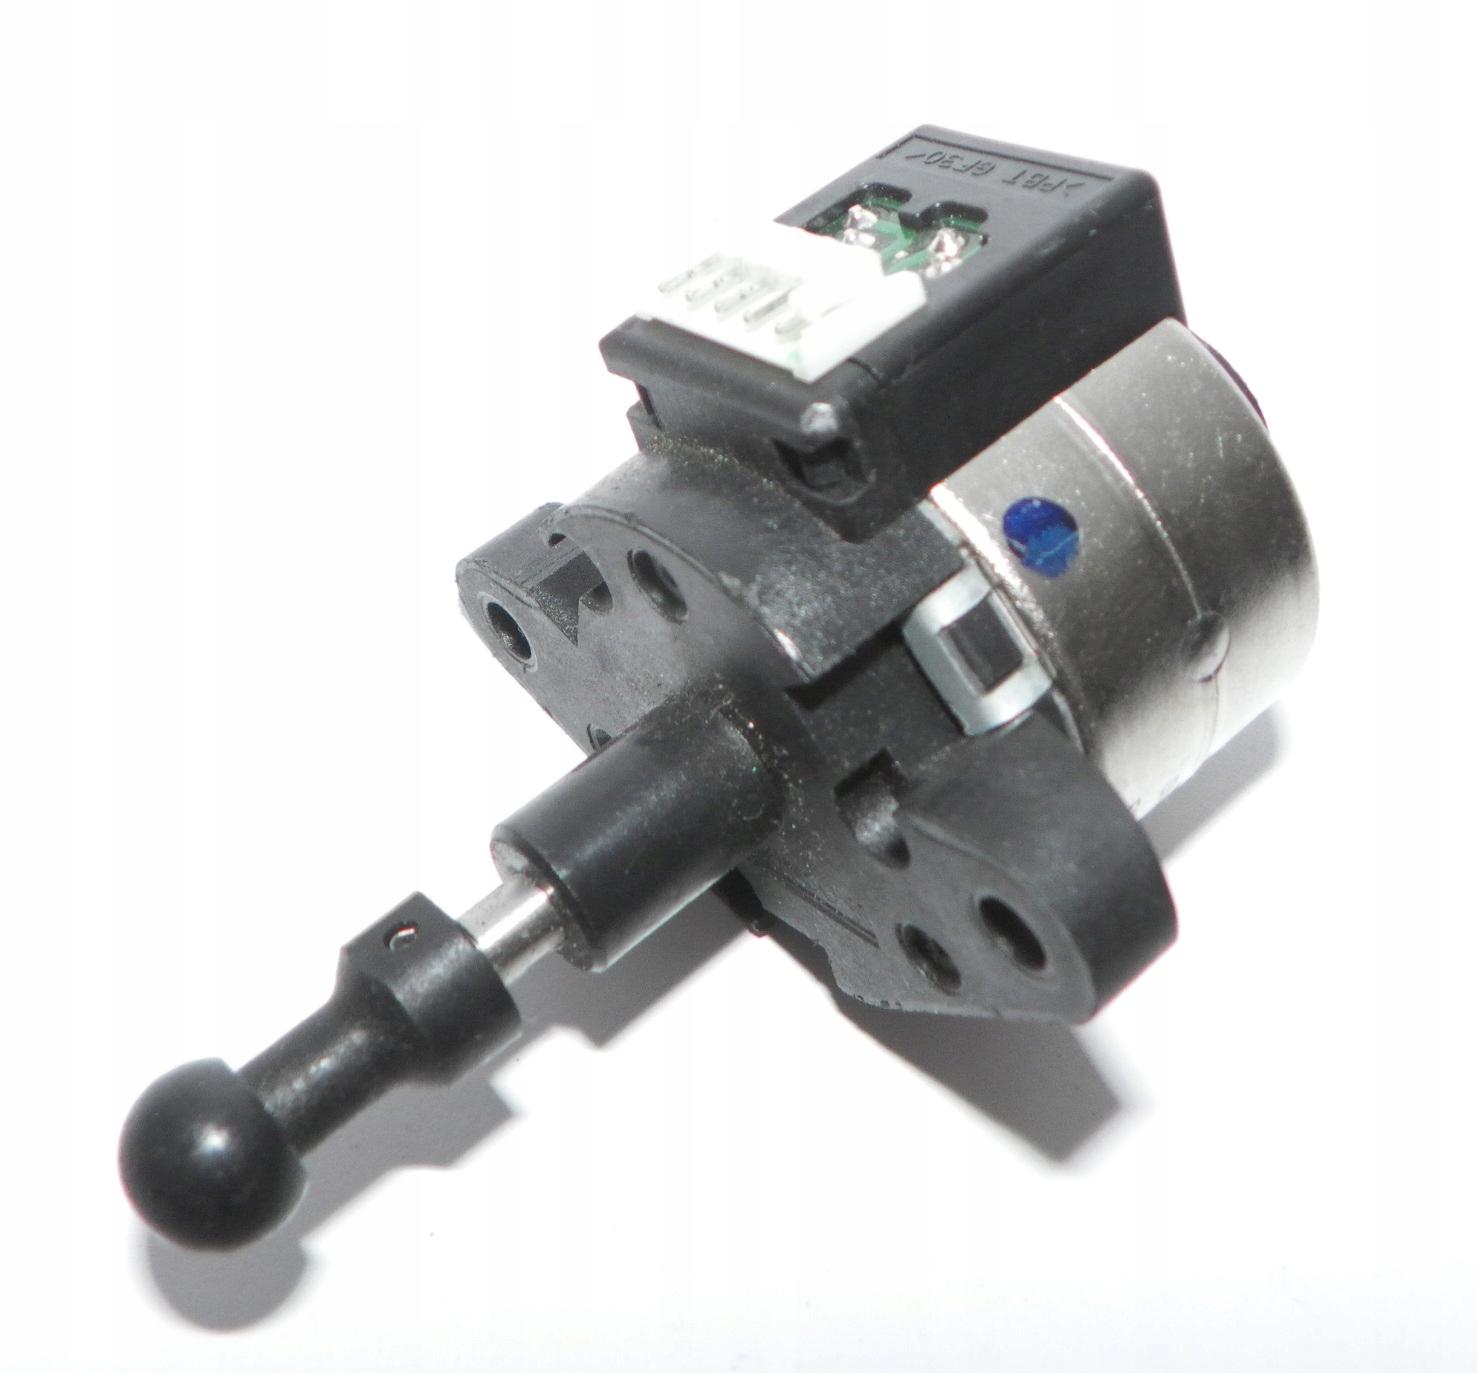 audi a6 c7 s6 двигатель регулирования лампы ксенон